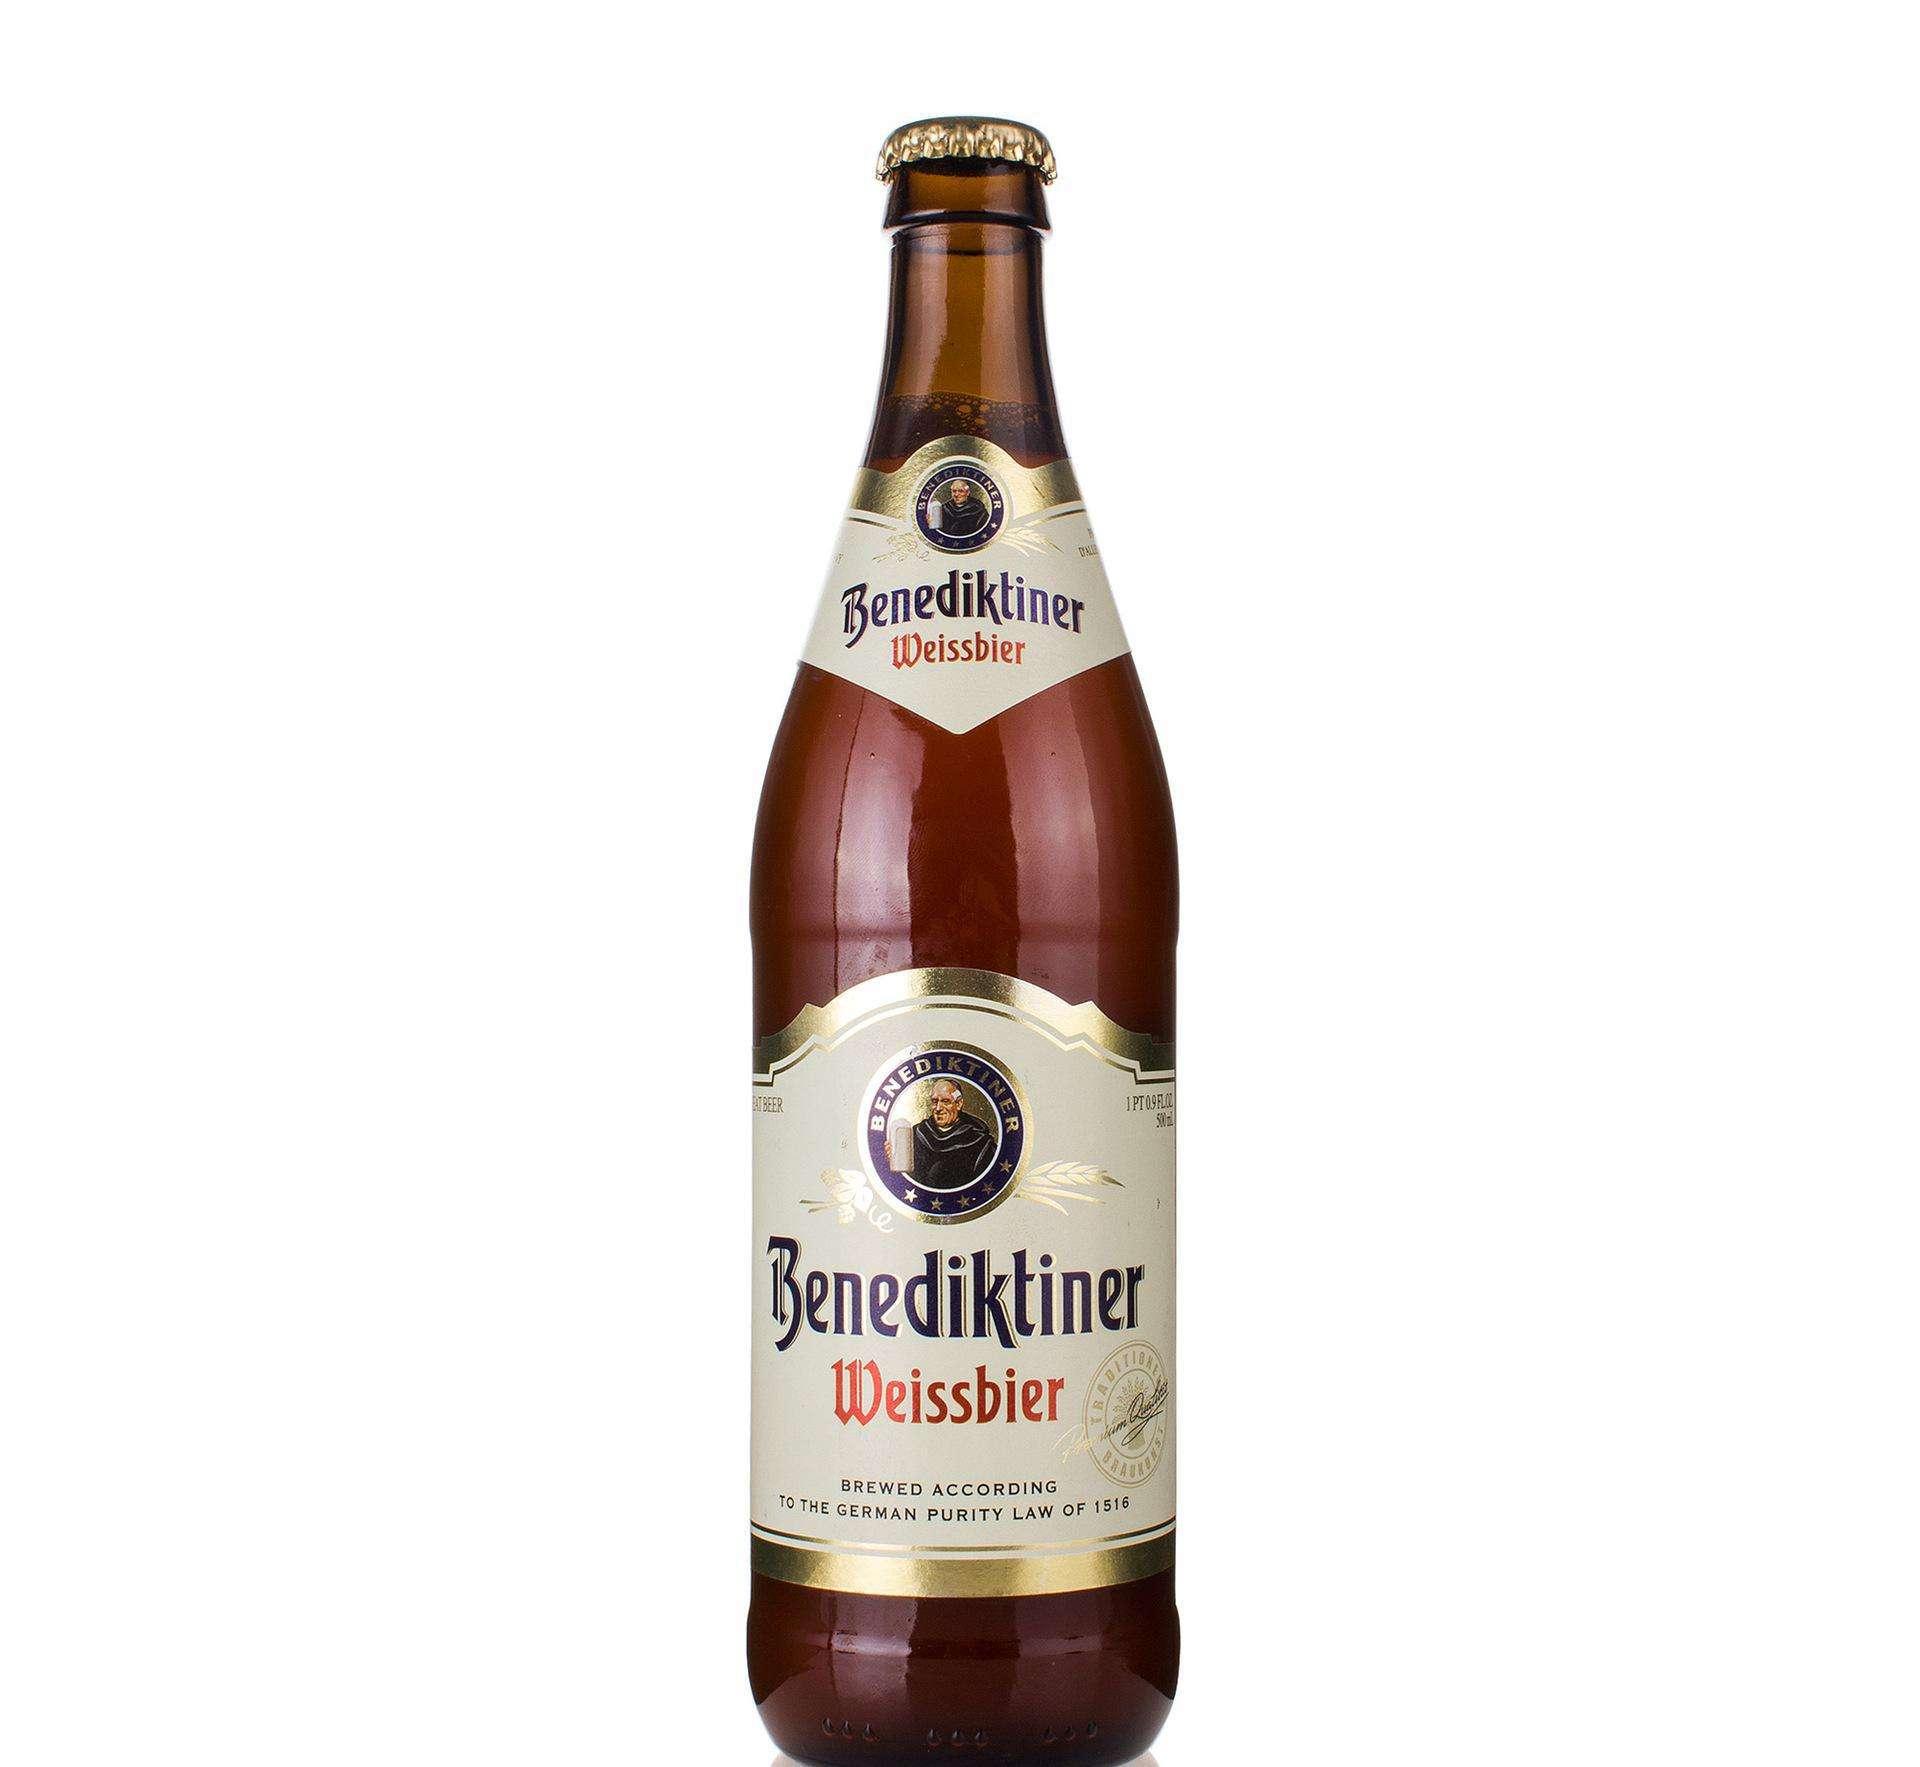 天津啤酒进口通关流程 佰棠供应